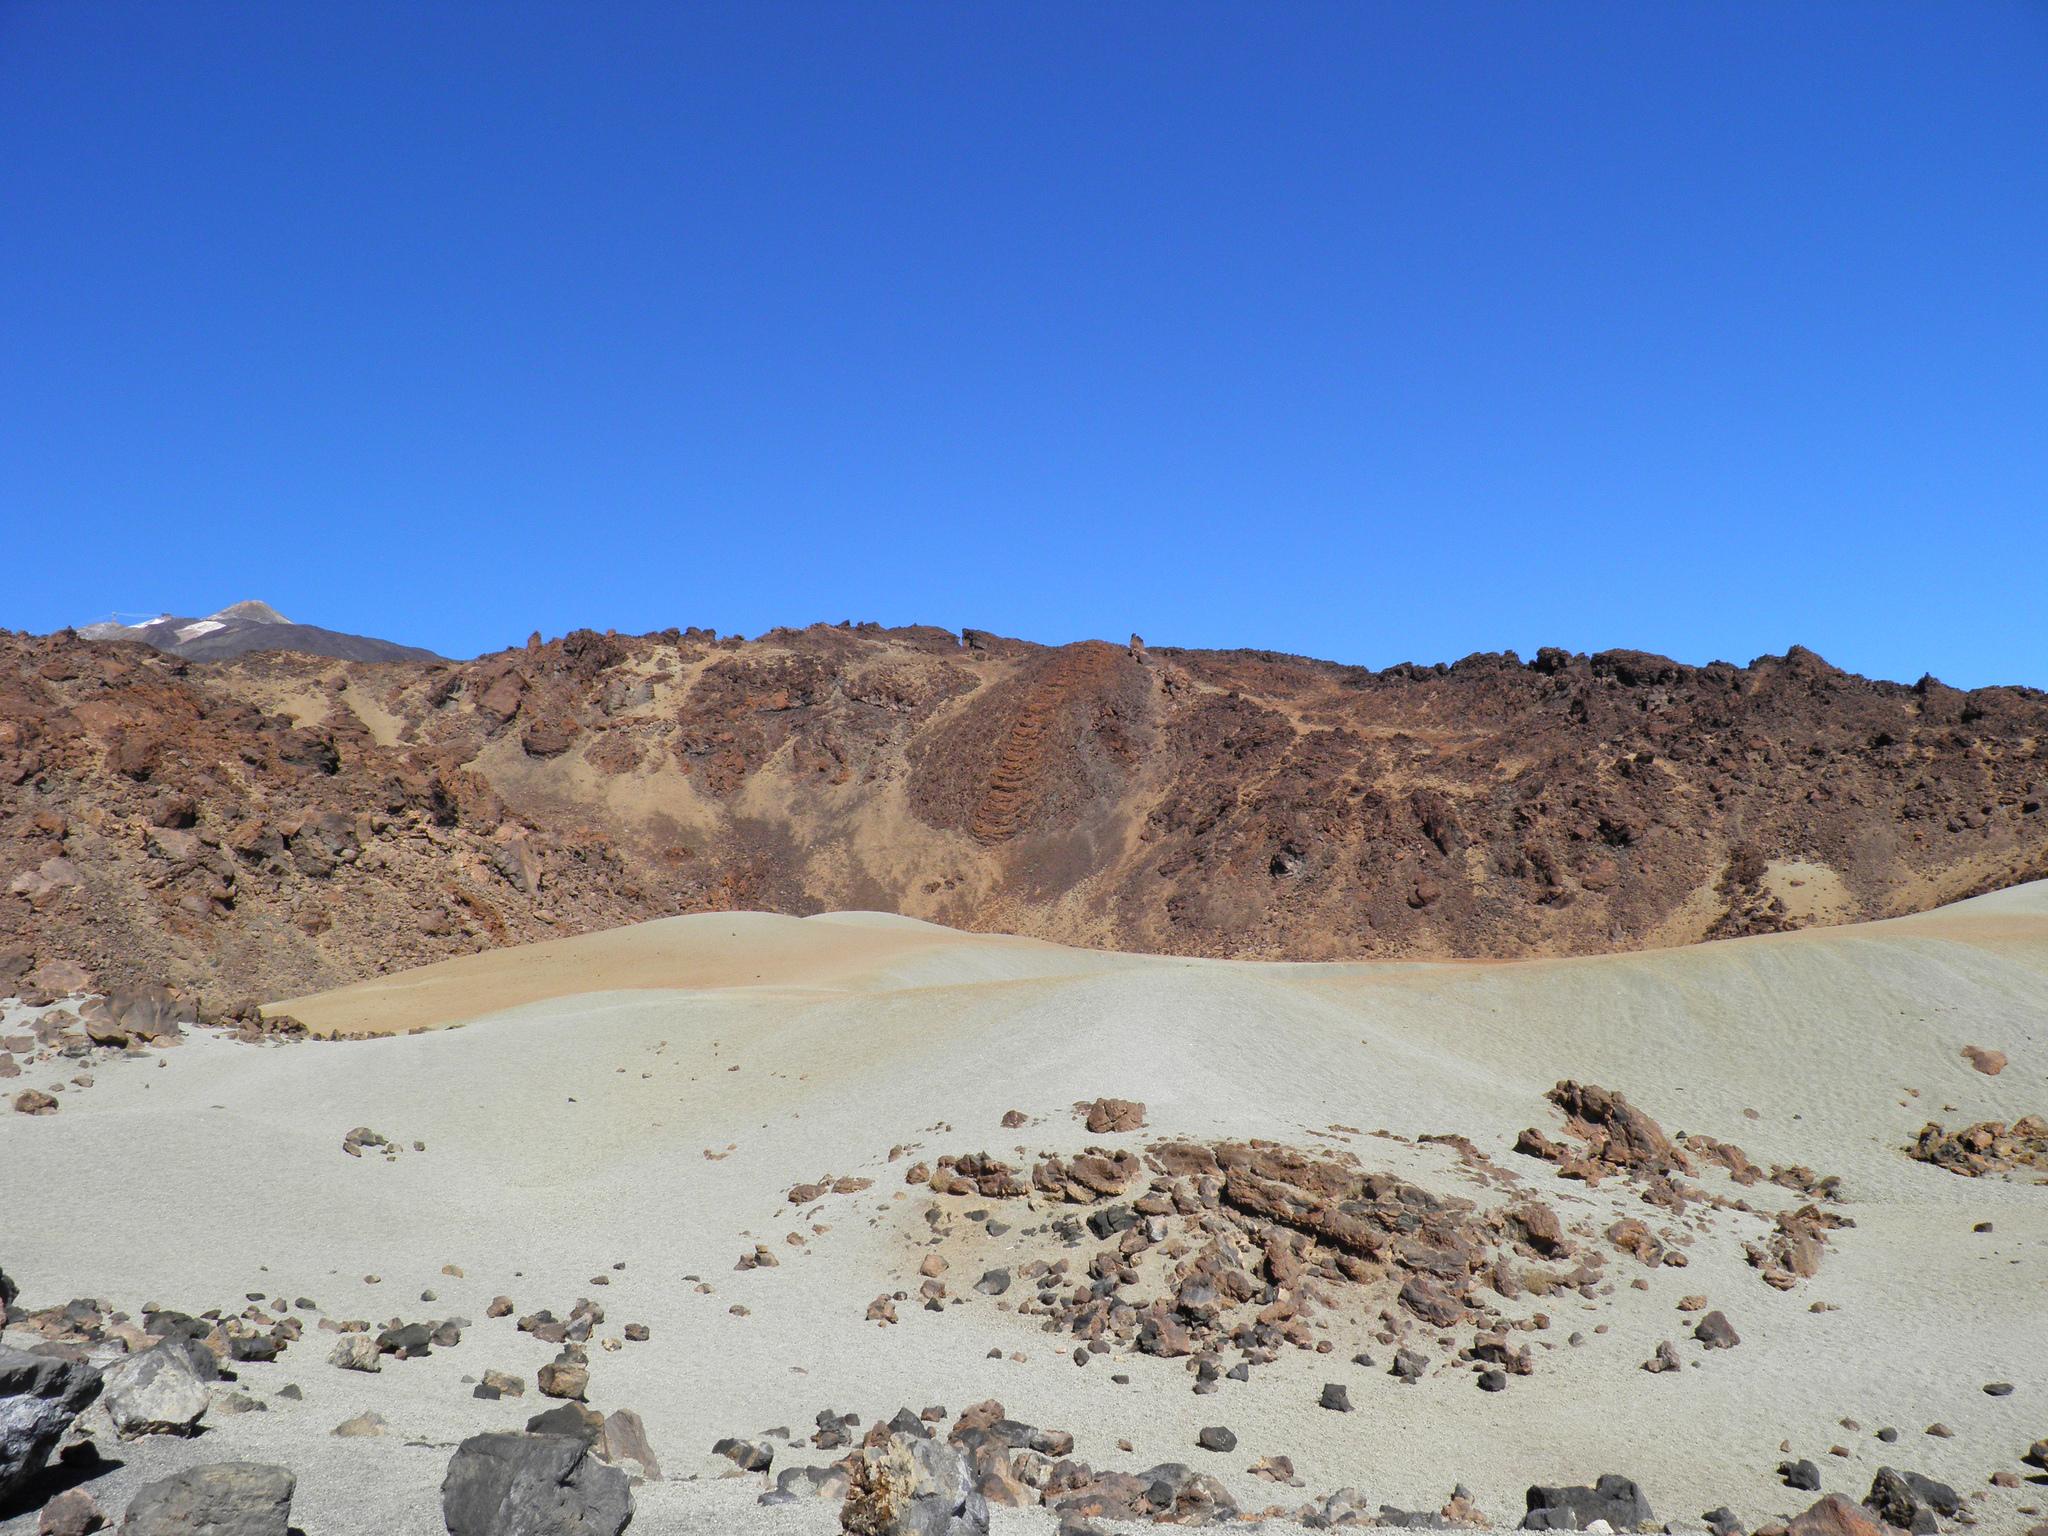 Национальный парк Тейде, марсианский пейзаж